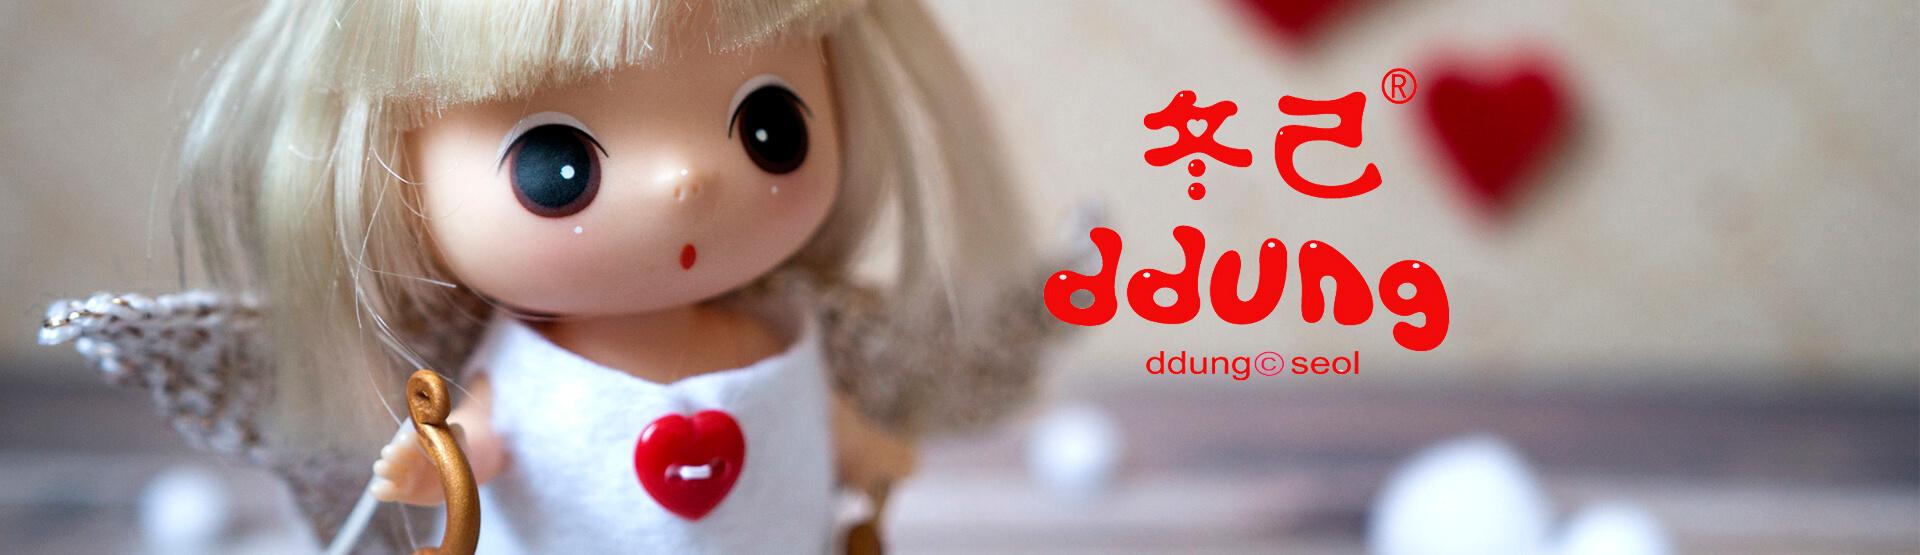 DDung